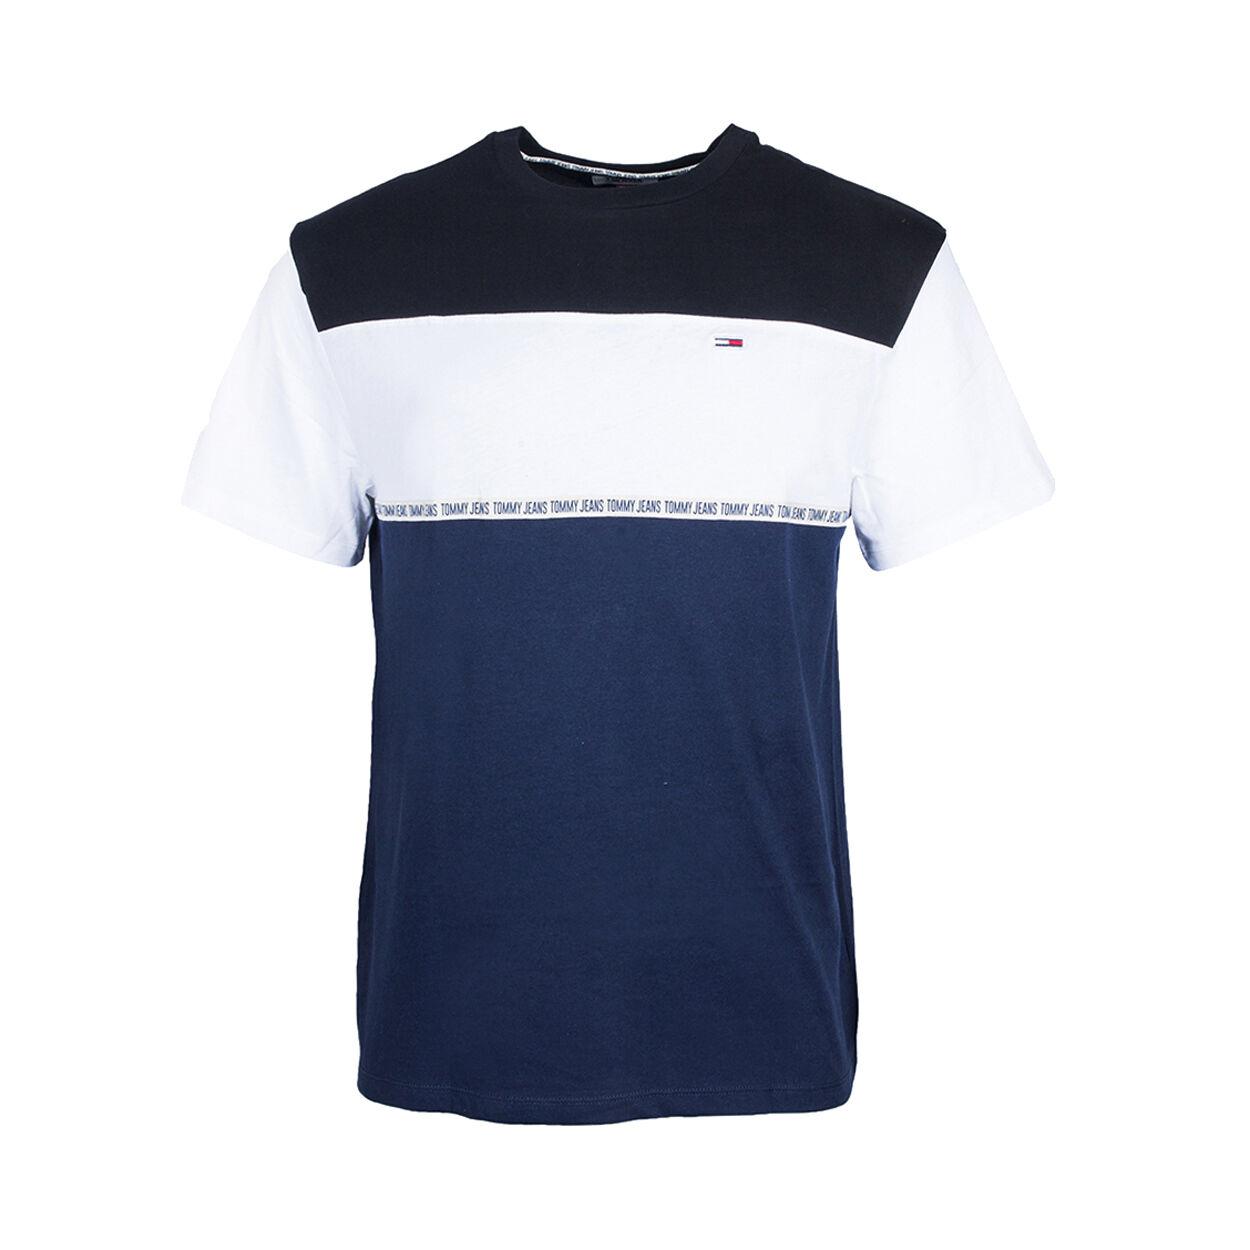 Tommy Jeans Tee-shirt col rond Tommy Jeans Colorblocked Tape en coton bleu marine à épaules noires et bande blanche à la poitrine - BLEU -